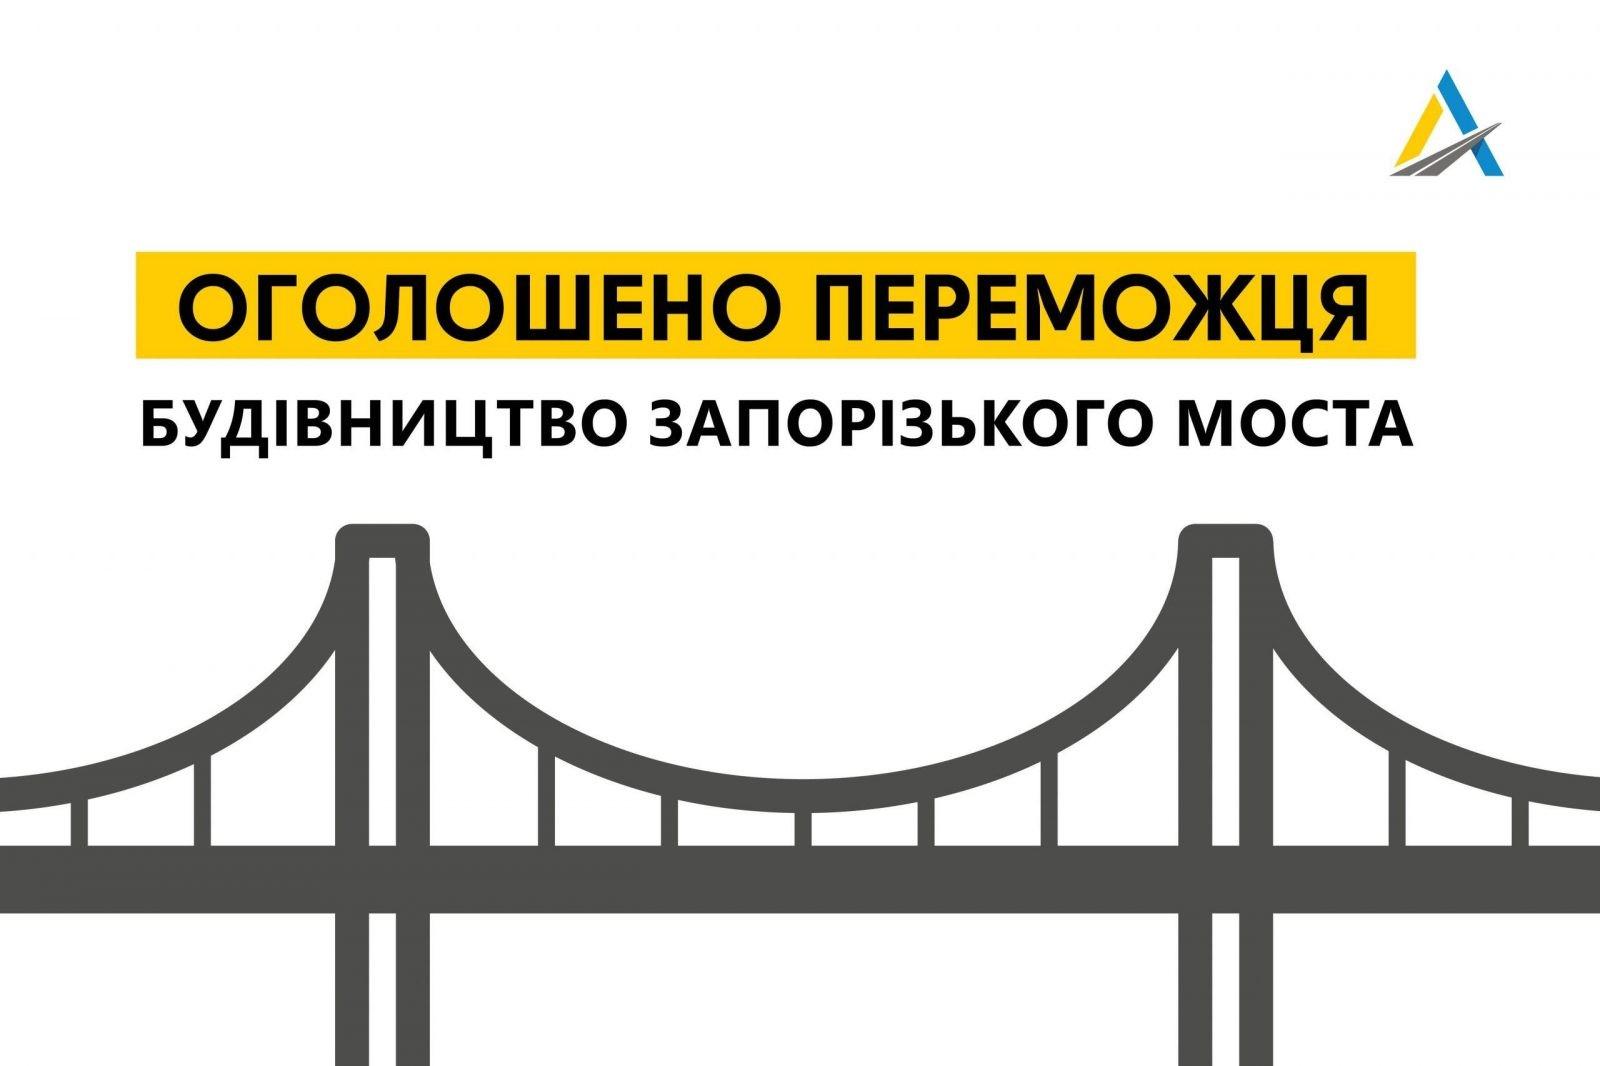 Строить мост через р. Днепр в Запорожье будет Onur